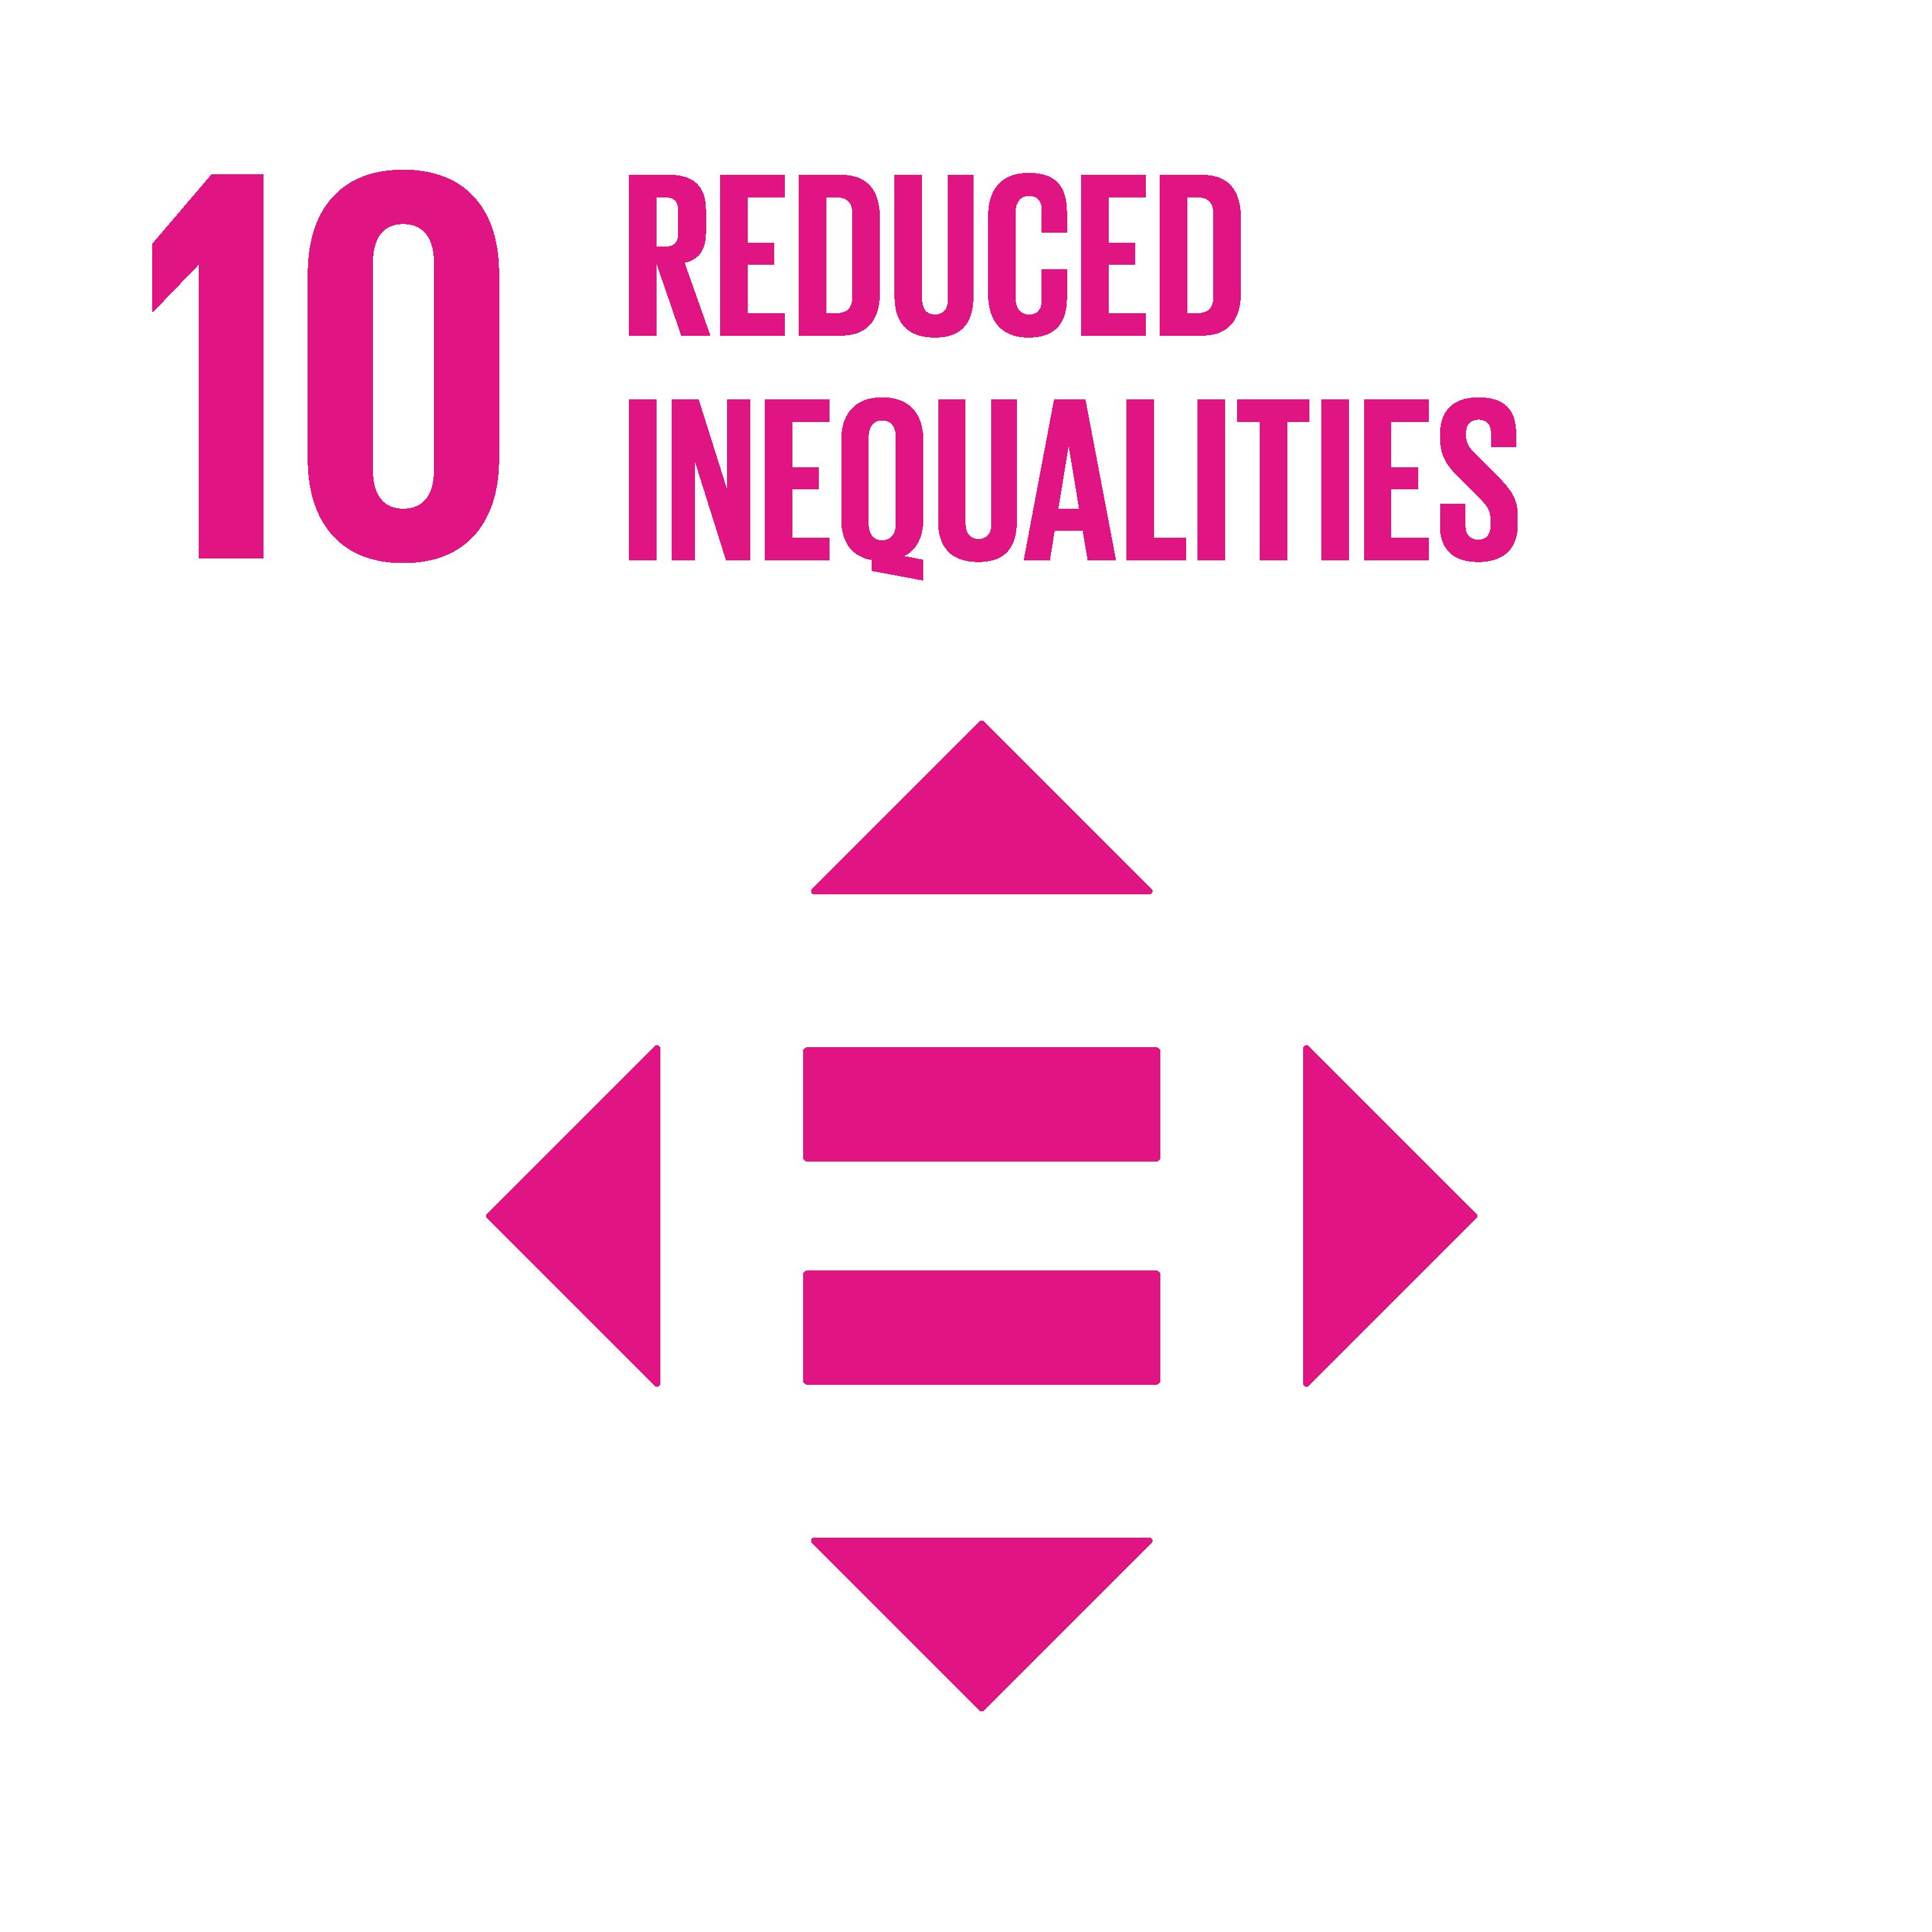 Image SDG 10; © UN